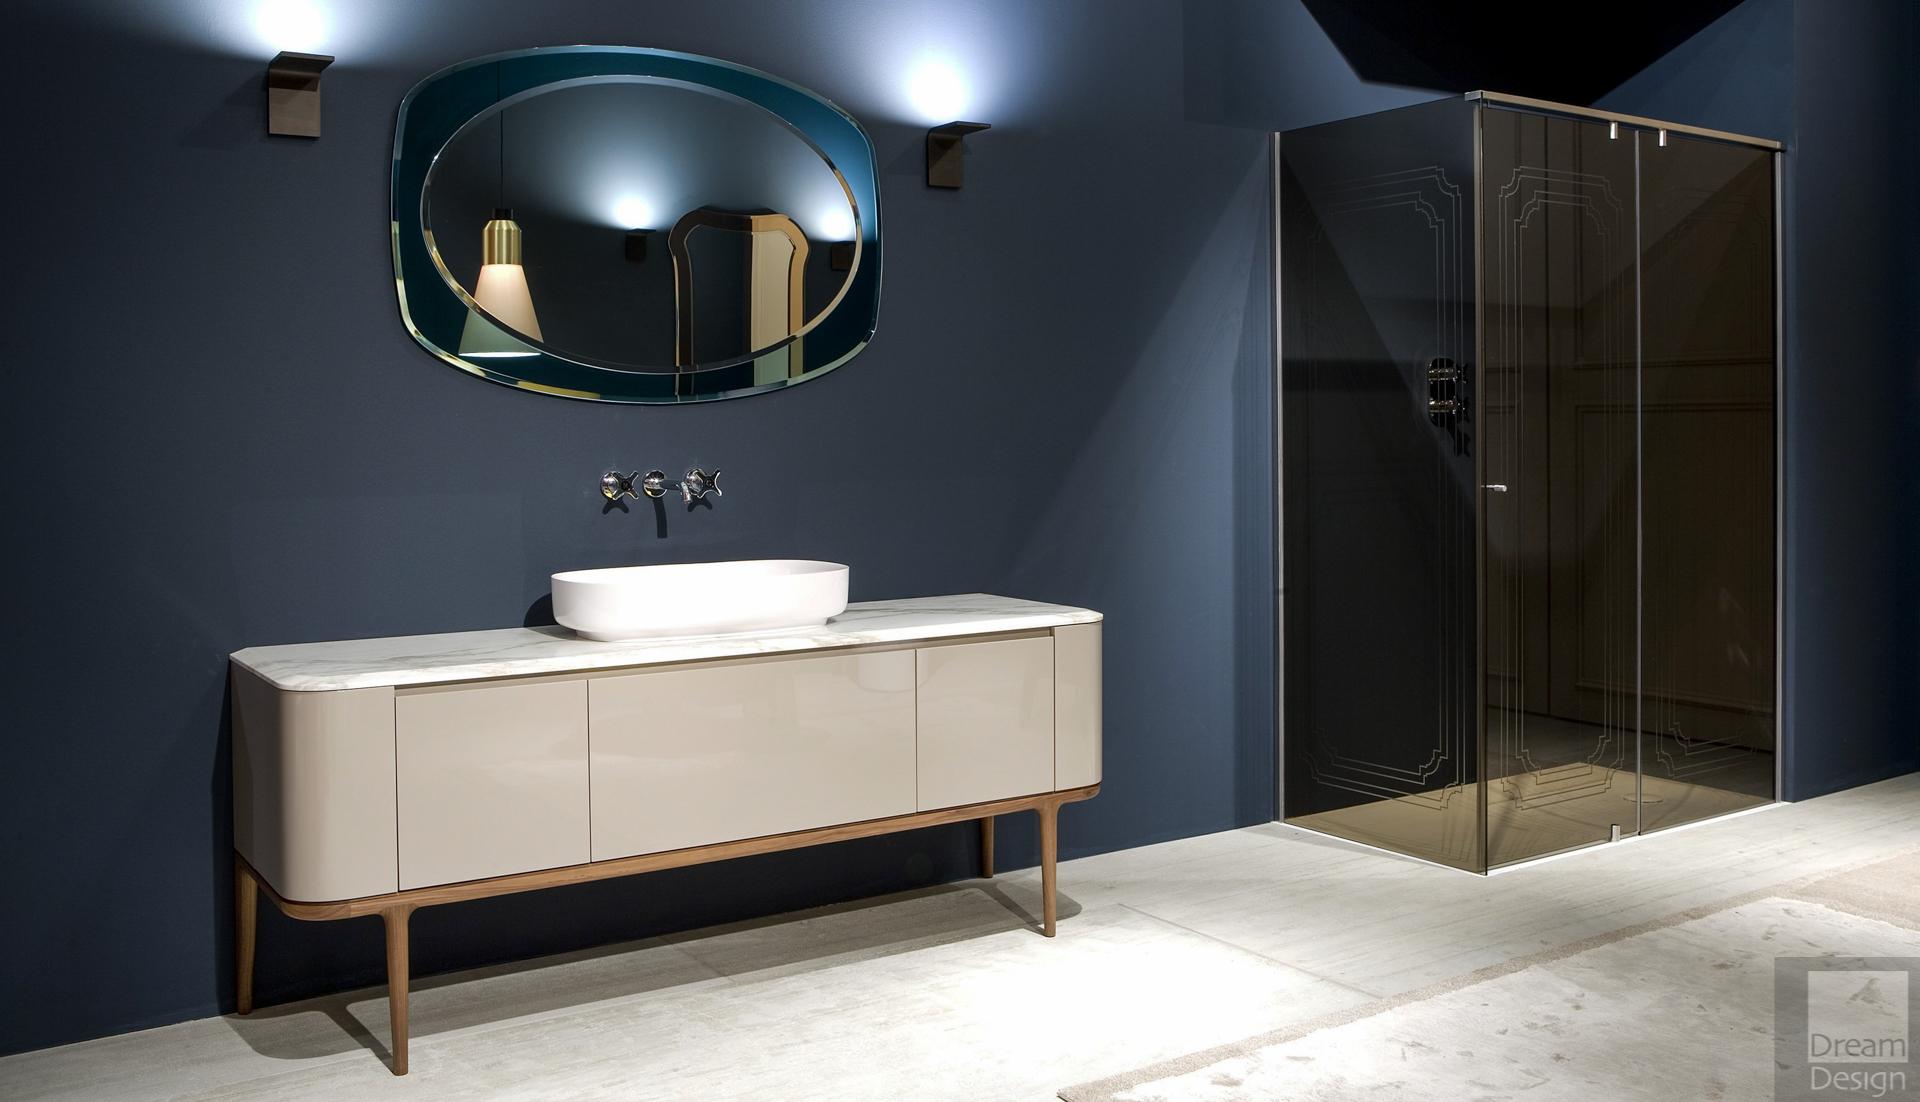 Antonio Lupi Ilbagino Dream Design Interiors Ltd